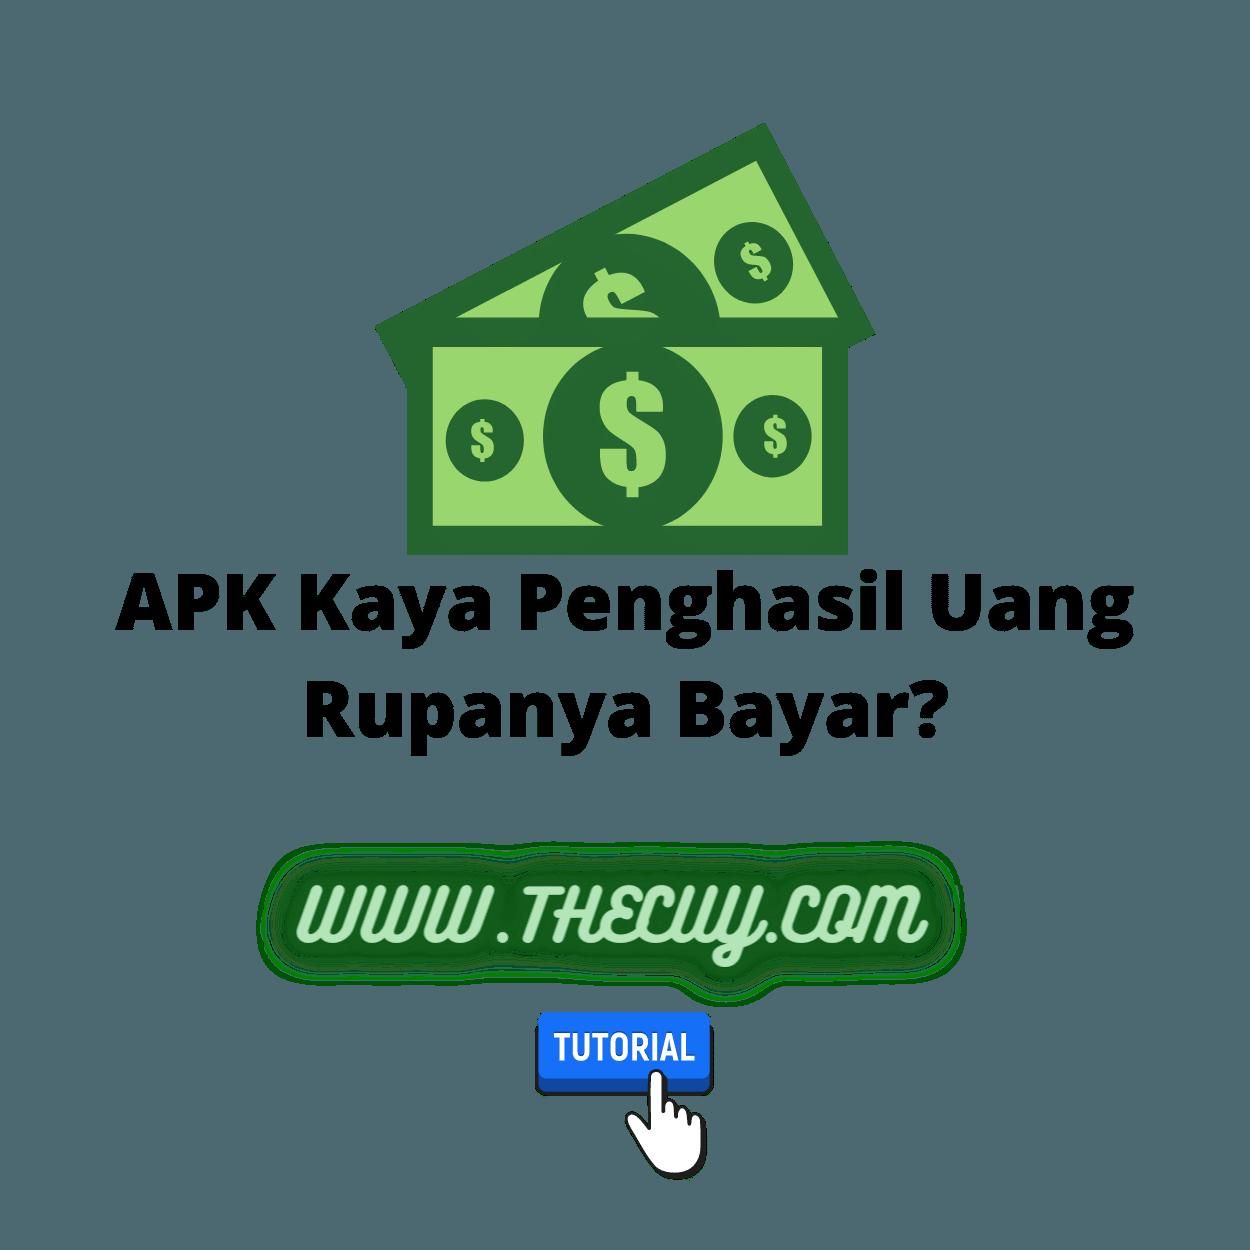 APK Kaya Penghasil Uang Rupanya Bayar?